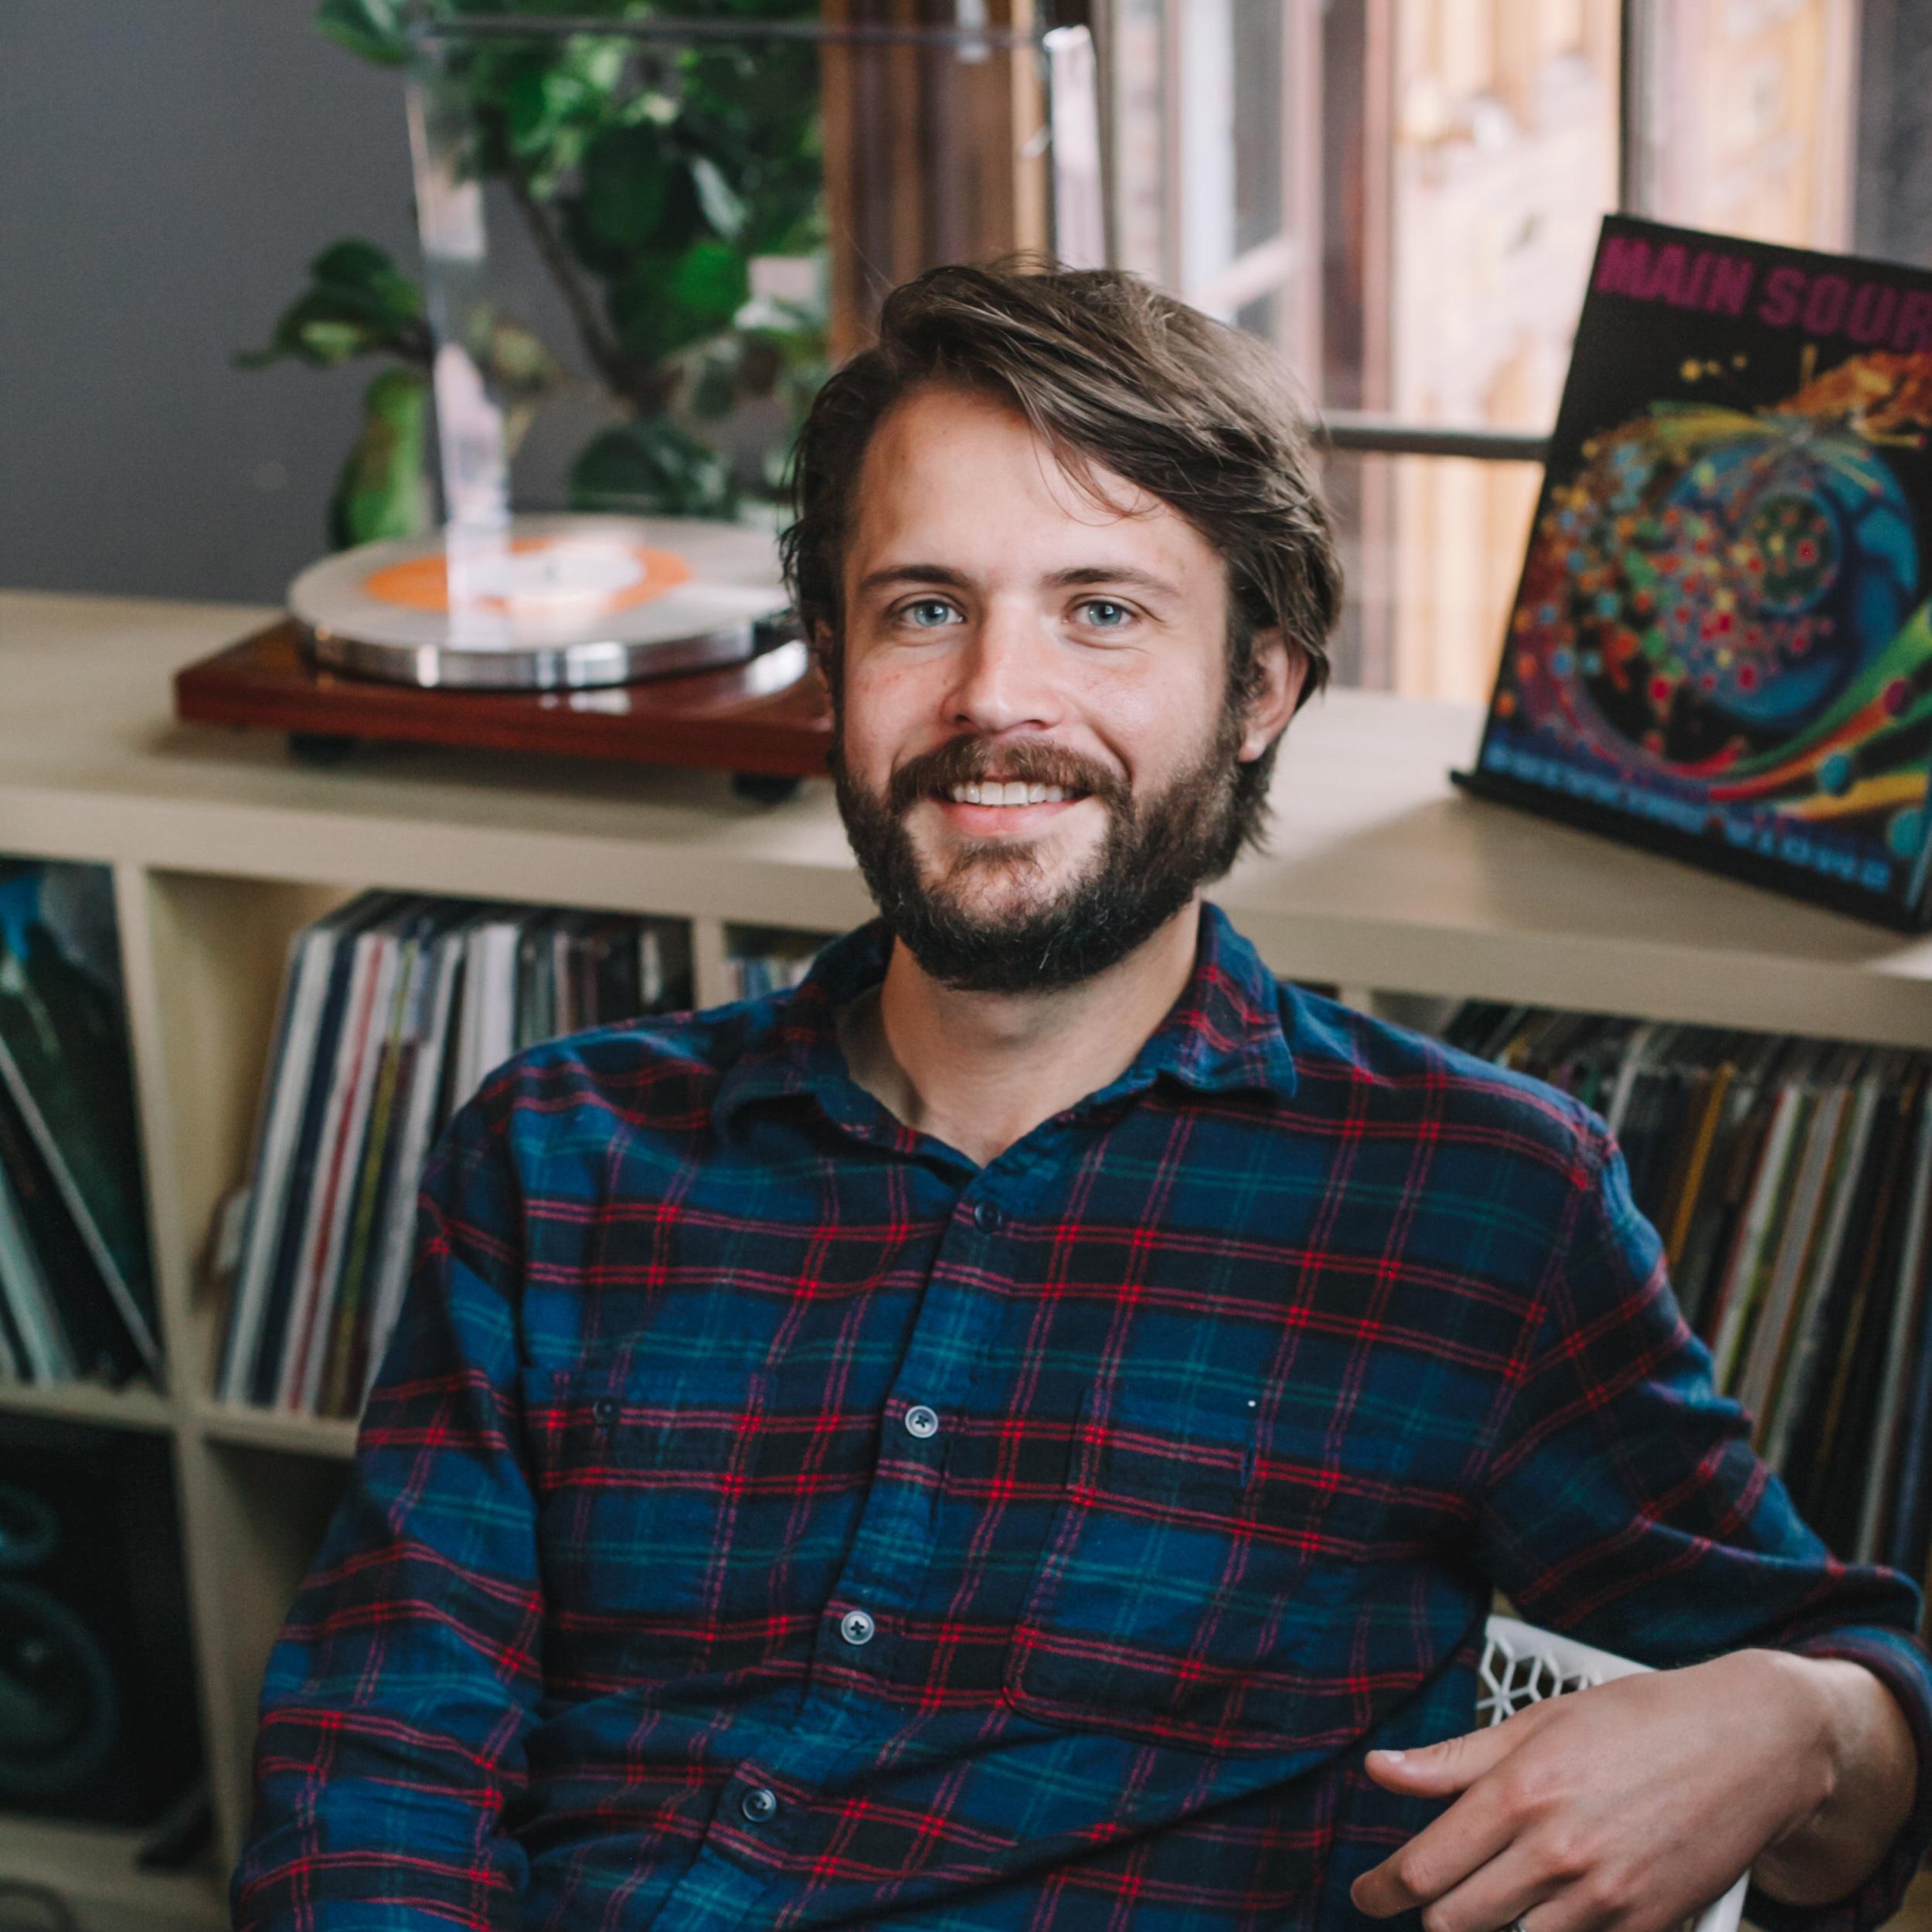 Tyler Barstow - Co-Founder of Vinyl Me Please, Speaker